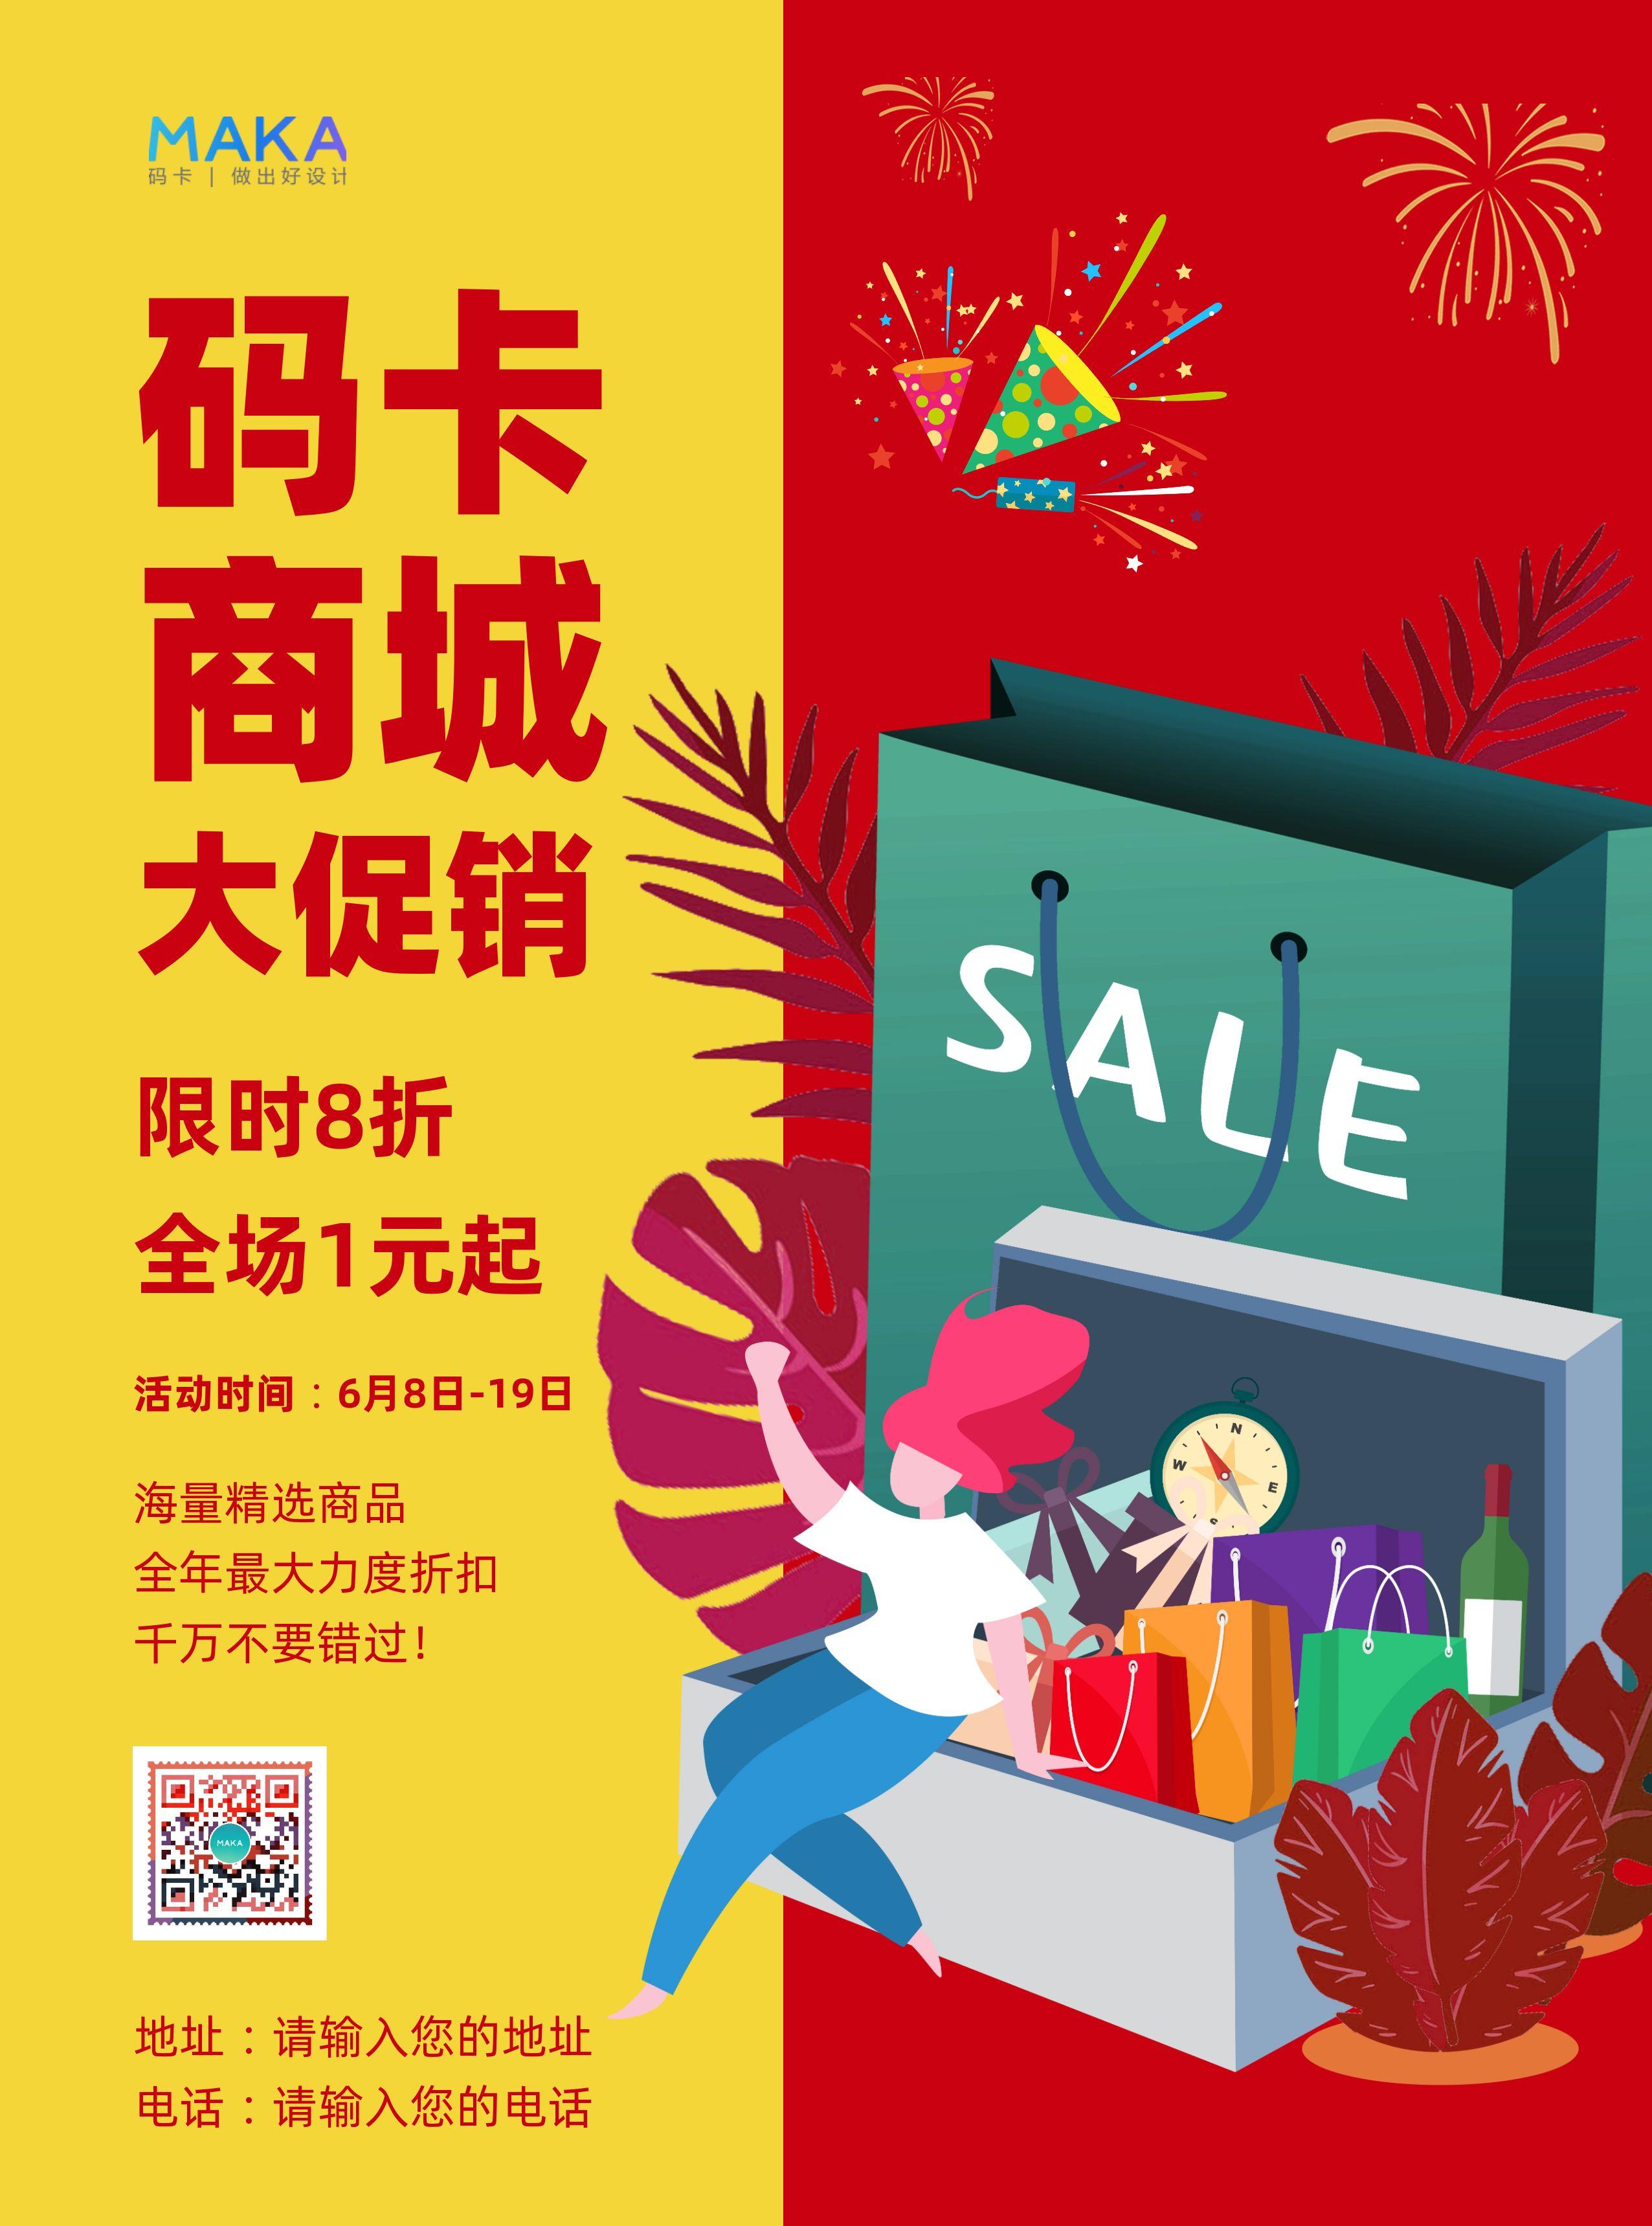 红色扁平简约风商城/超市优惠活动大促销通知宣传推广宣传单